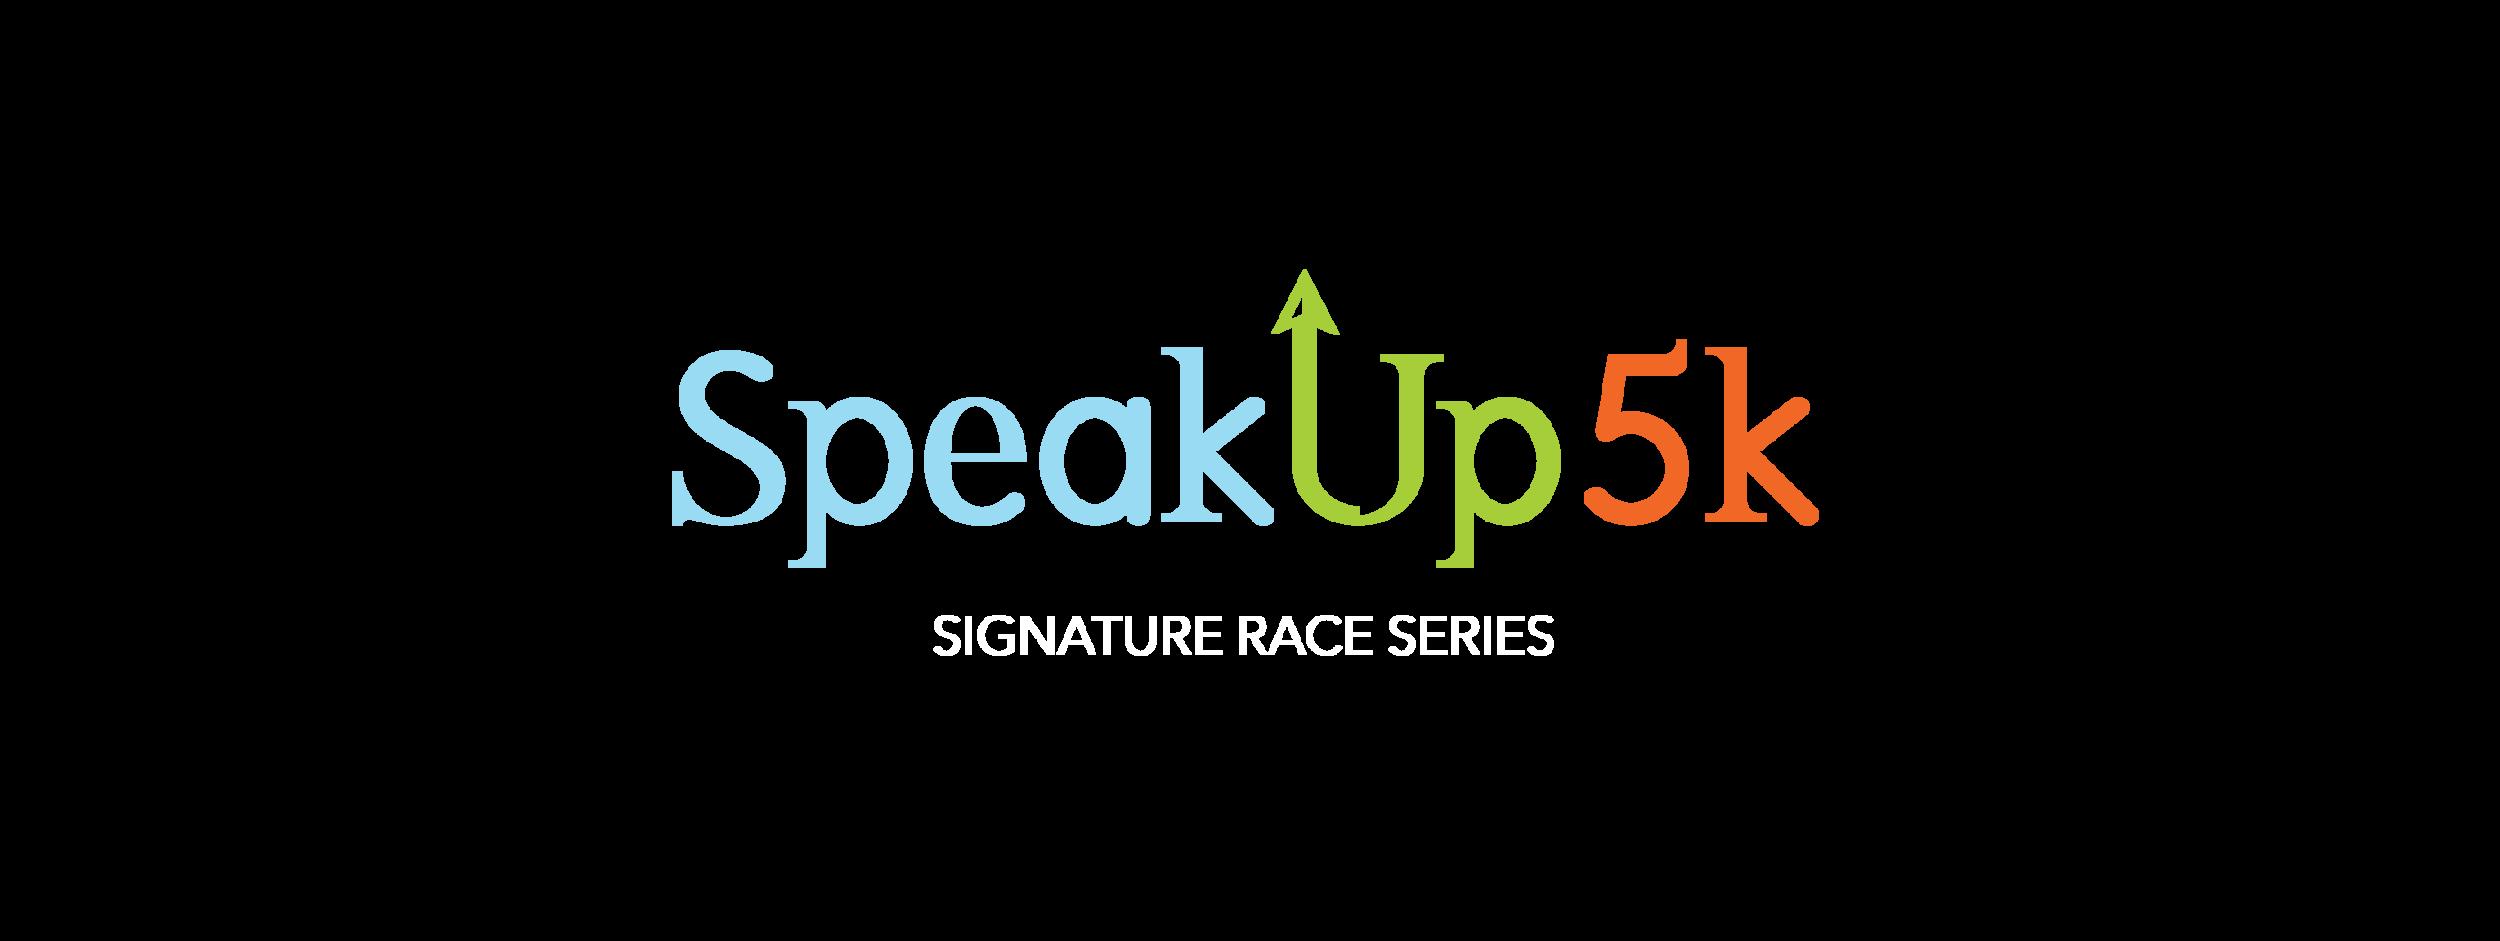 speakup5k